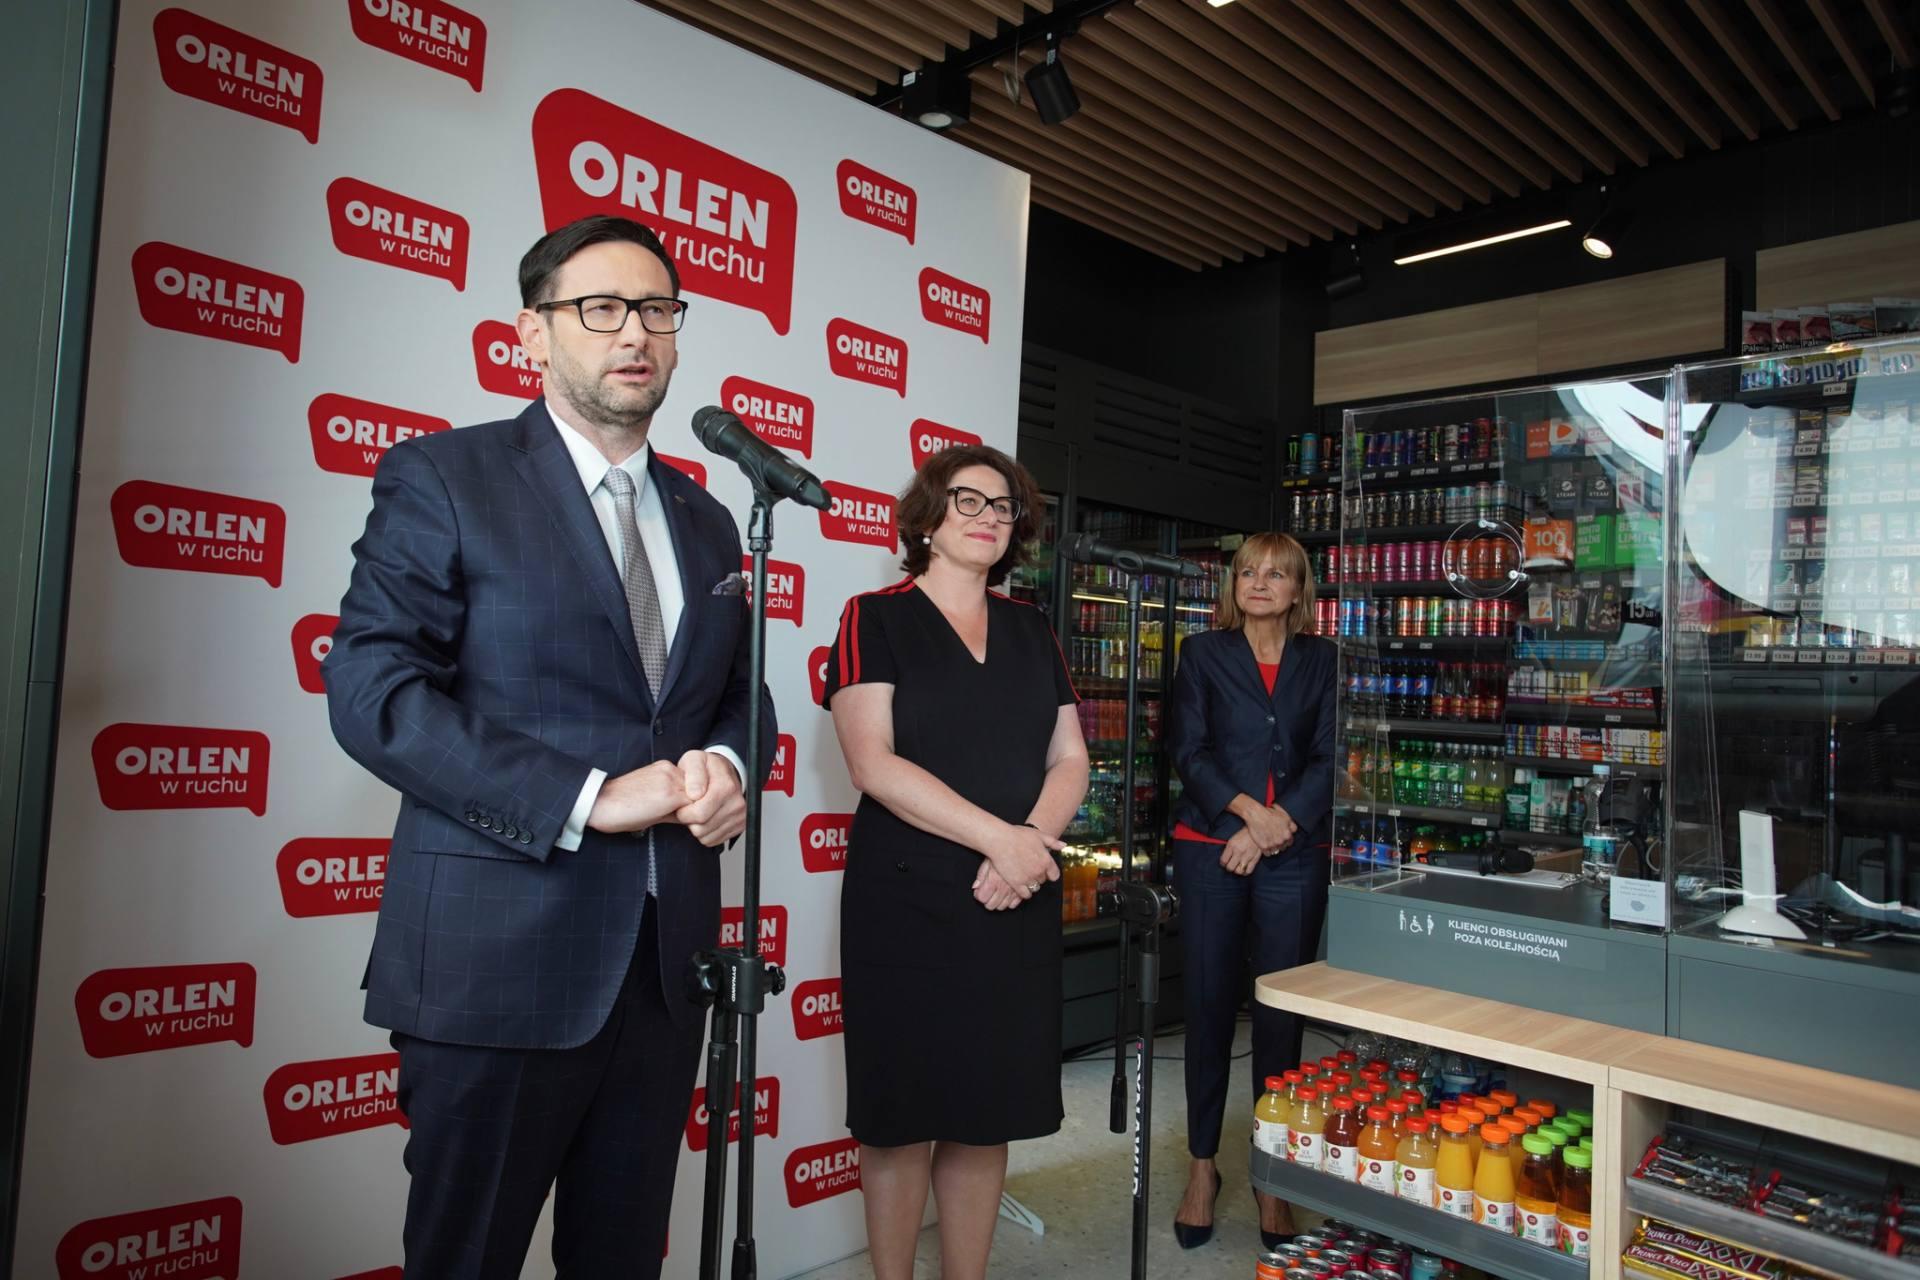 orlen w ruchu 3 Orlen otworzył pierwszy z 900 sklepów